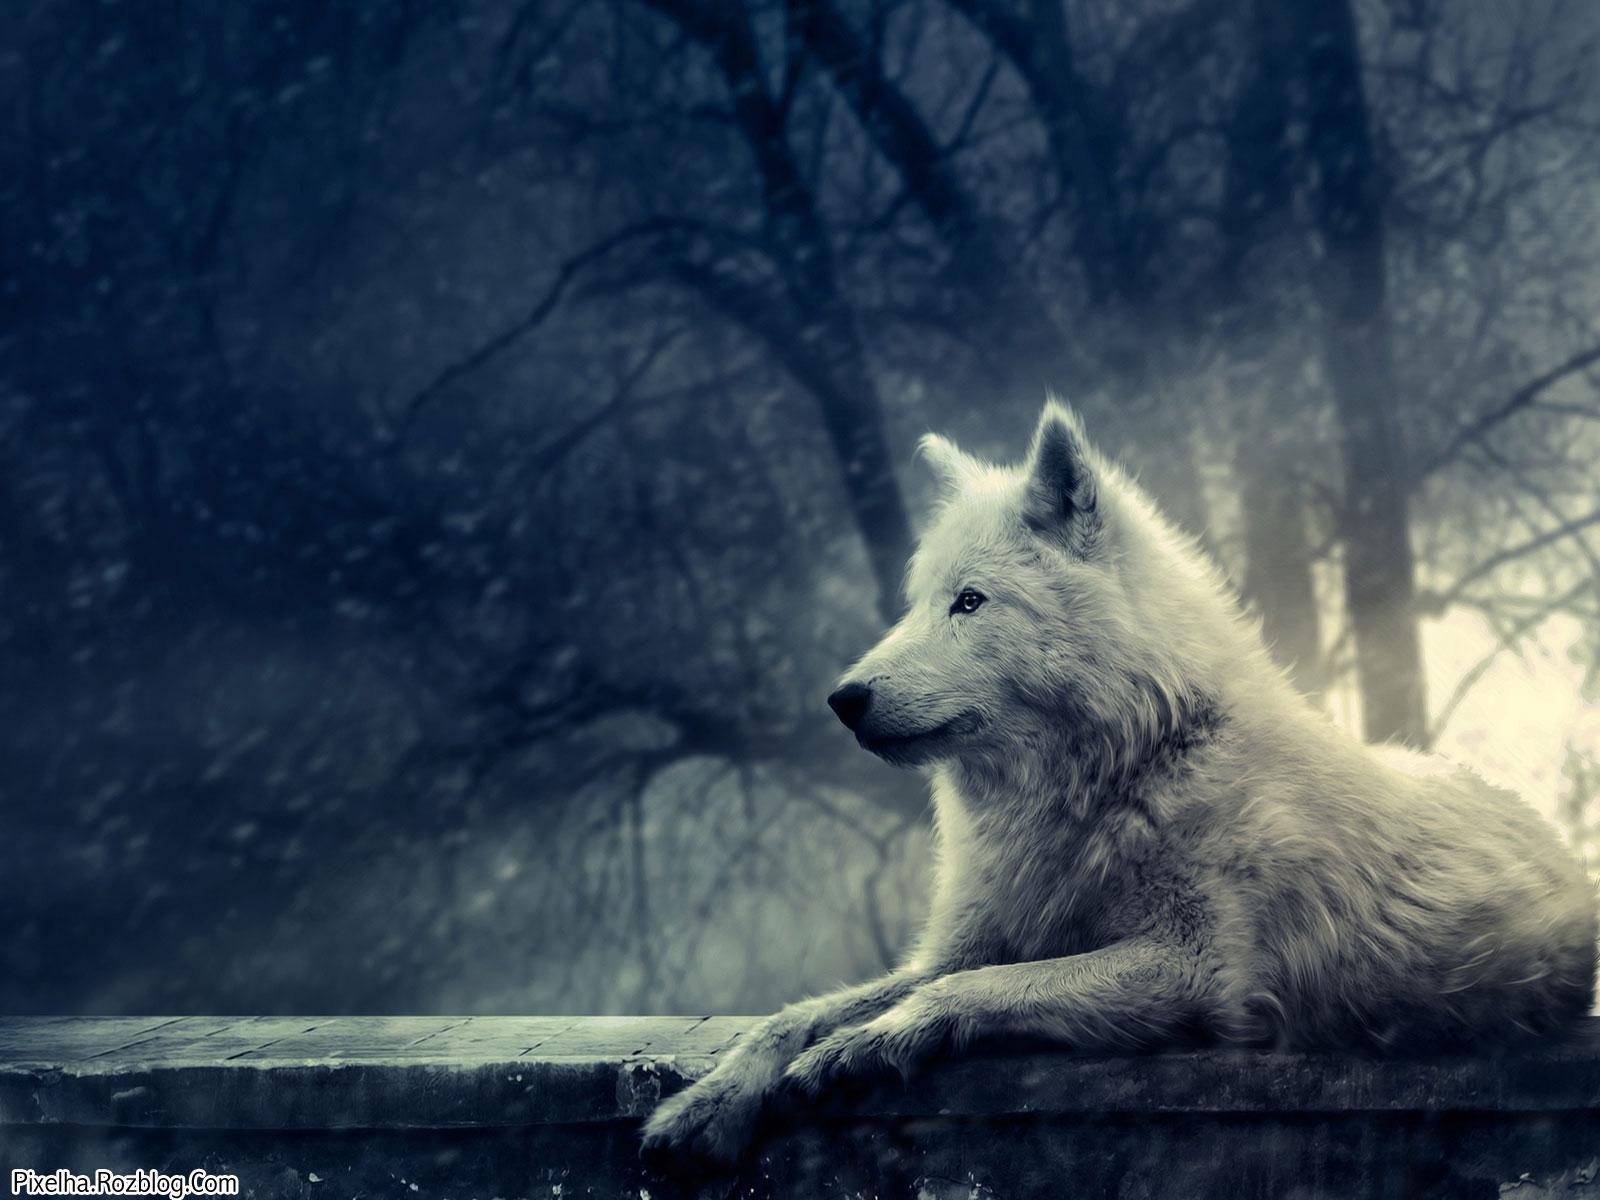 تصویری بسیار زیبا از گرگ